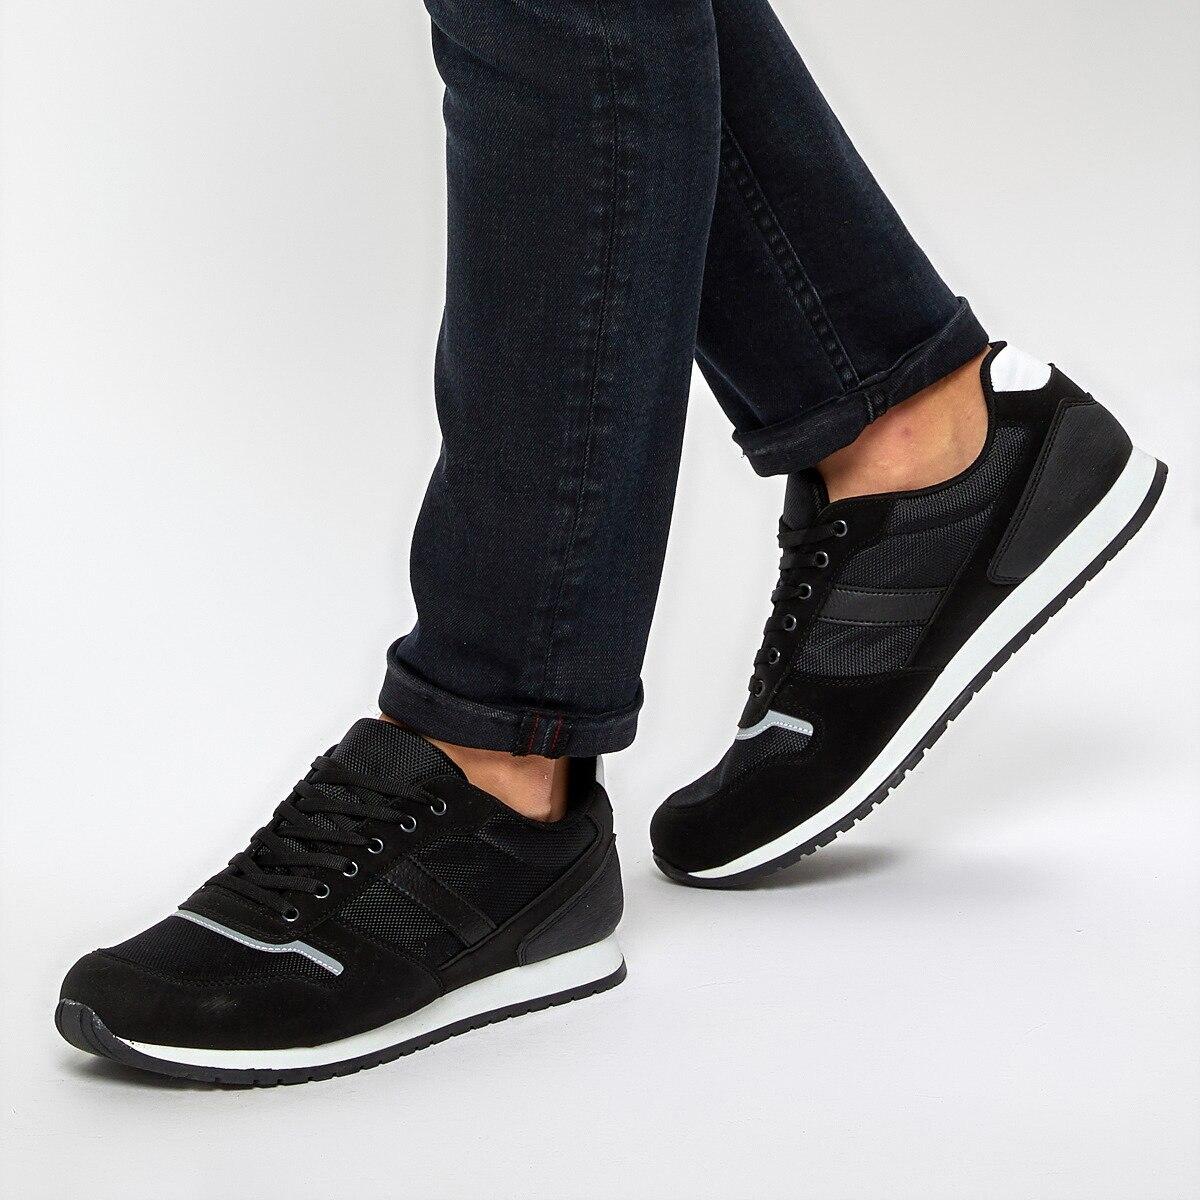 FLO 92.356072.M 黒人男性の靴ポラリス